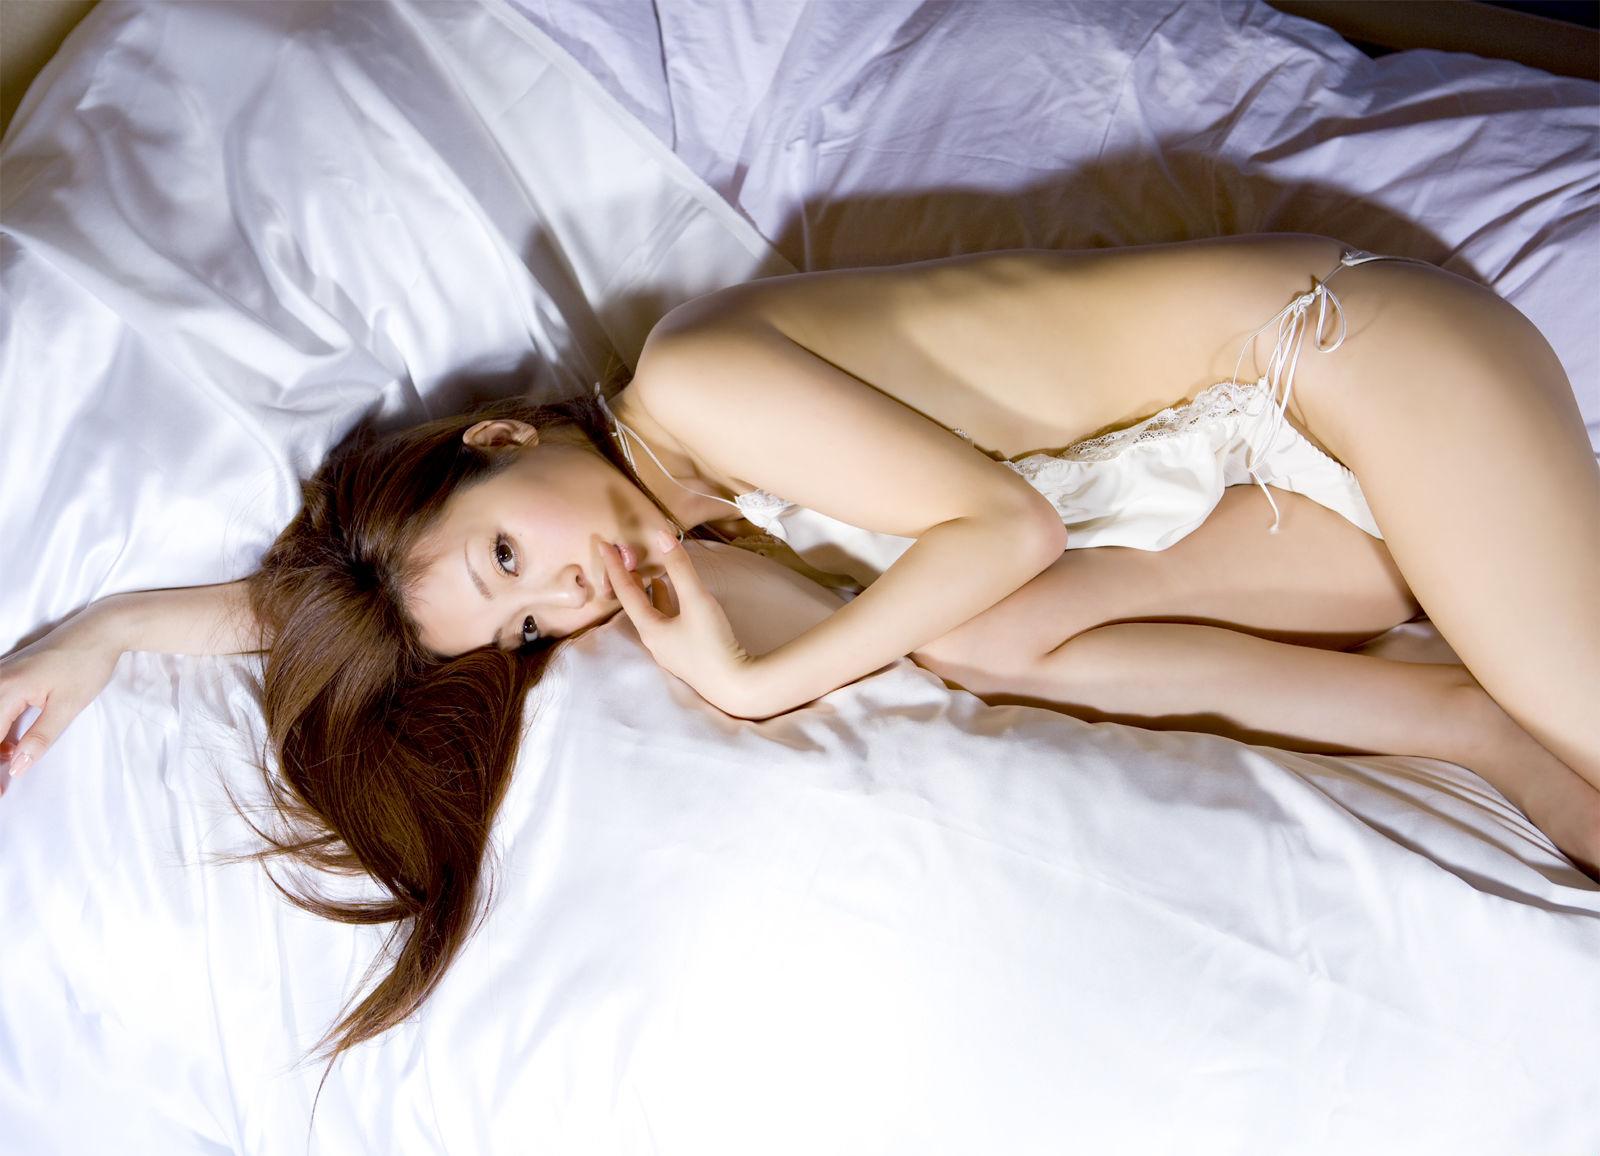 辰巳奈都子 画像 89